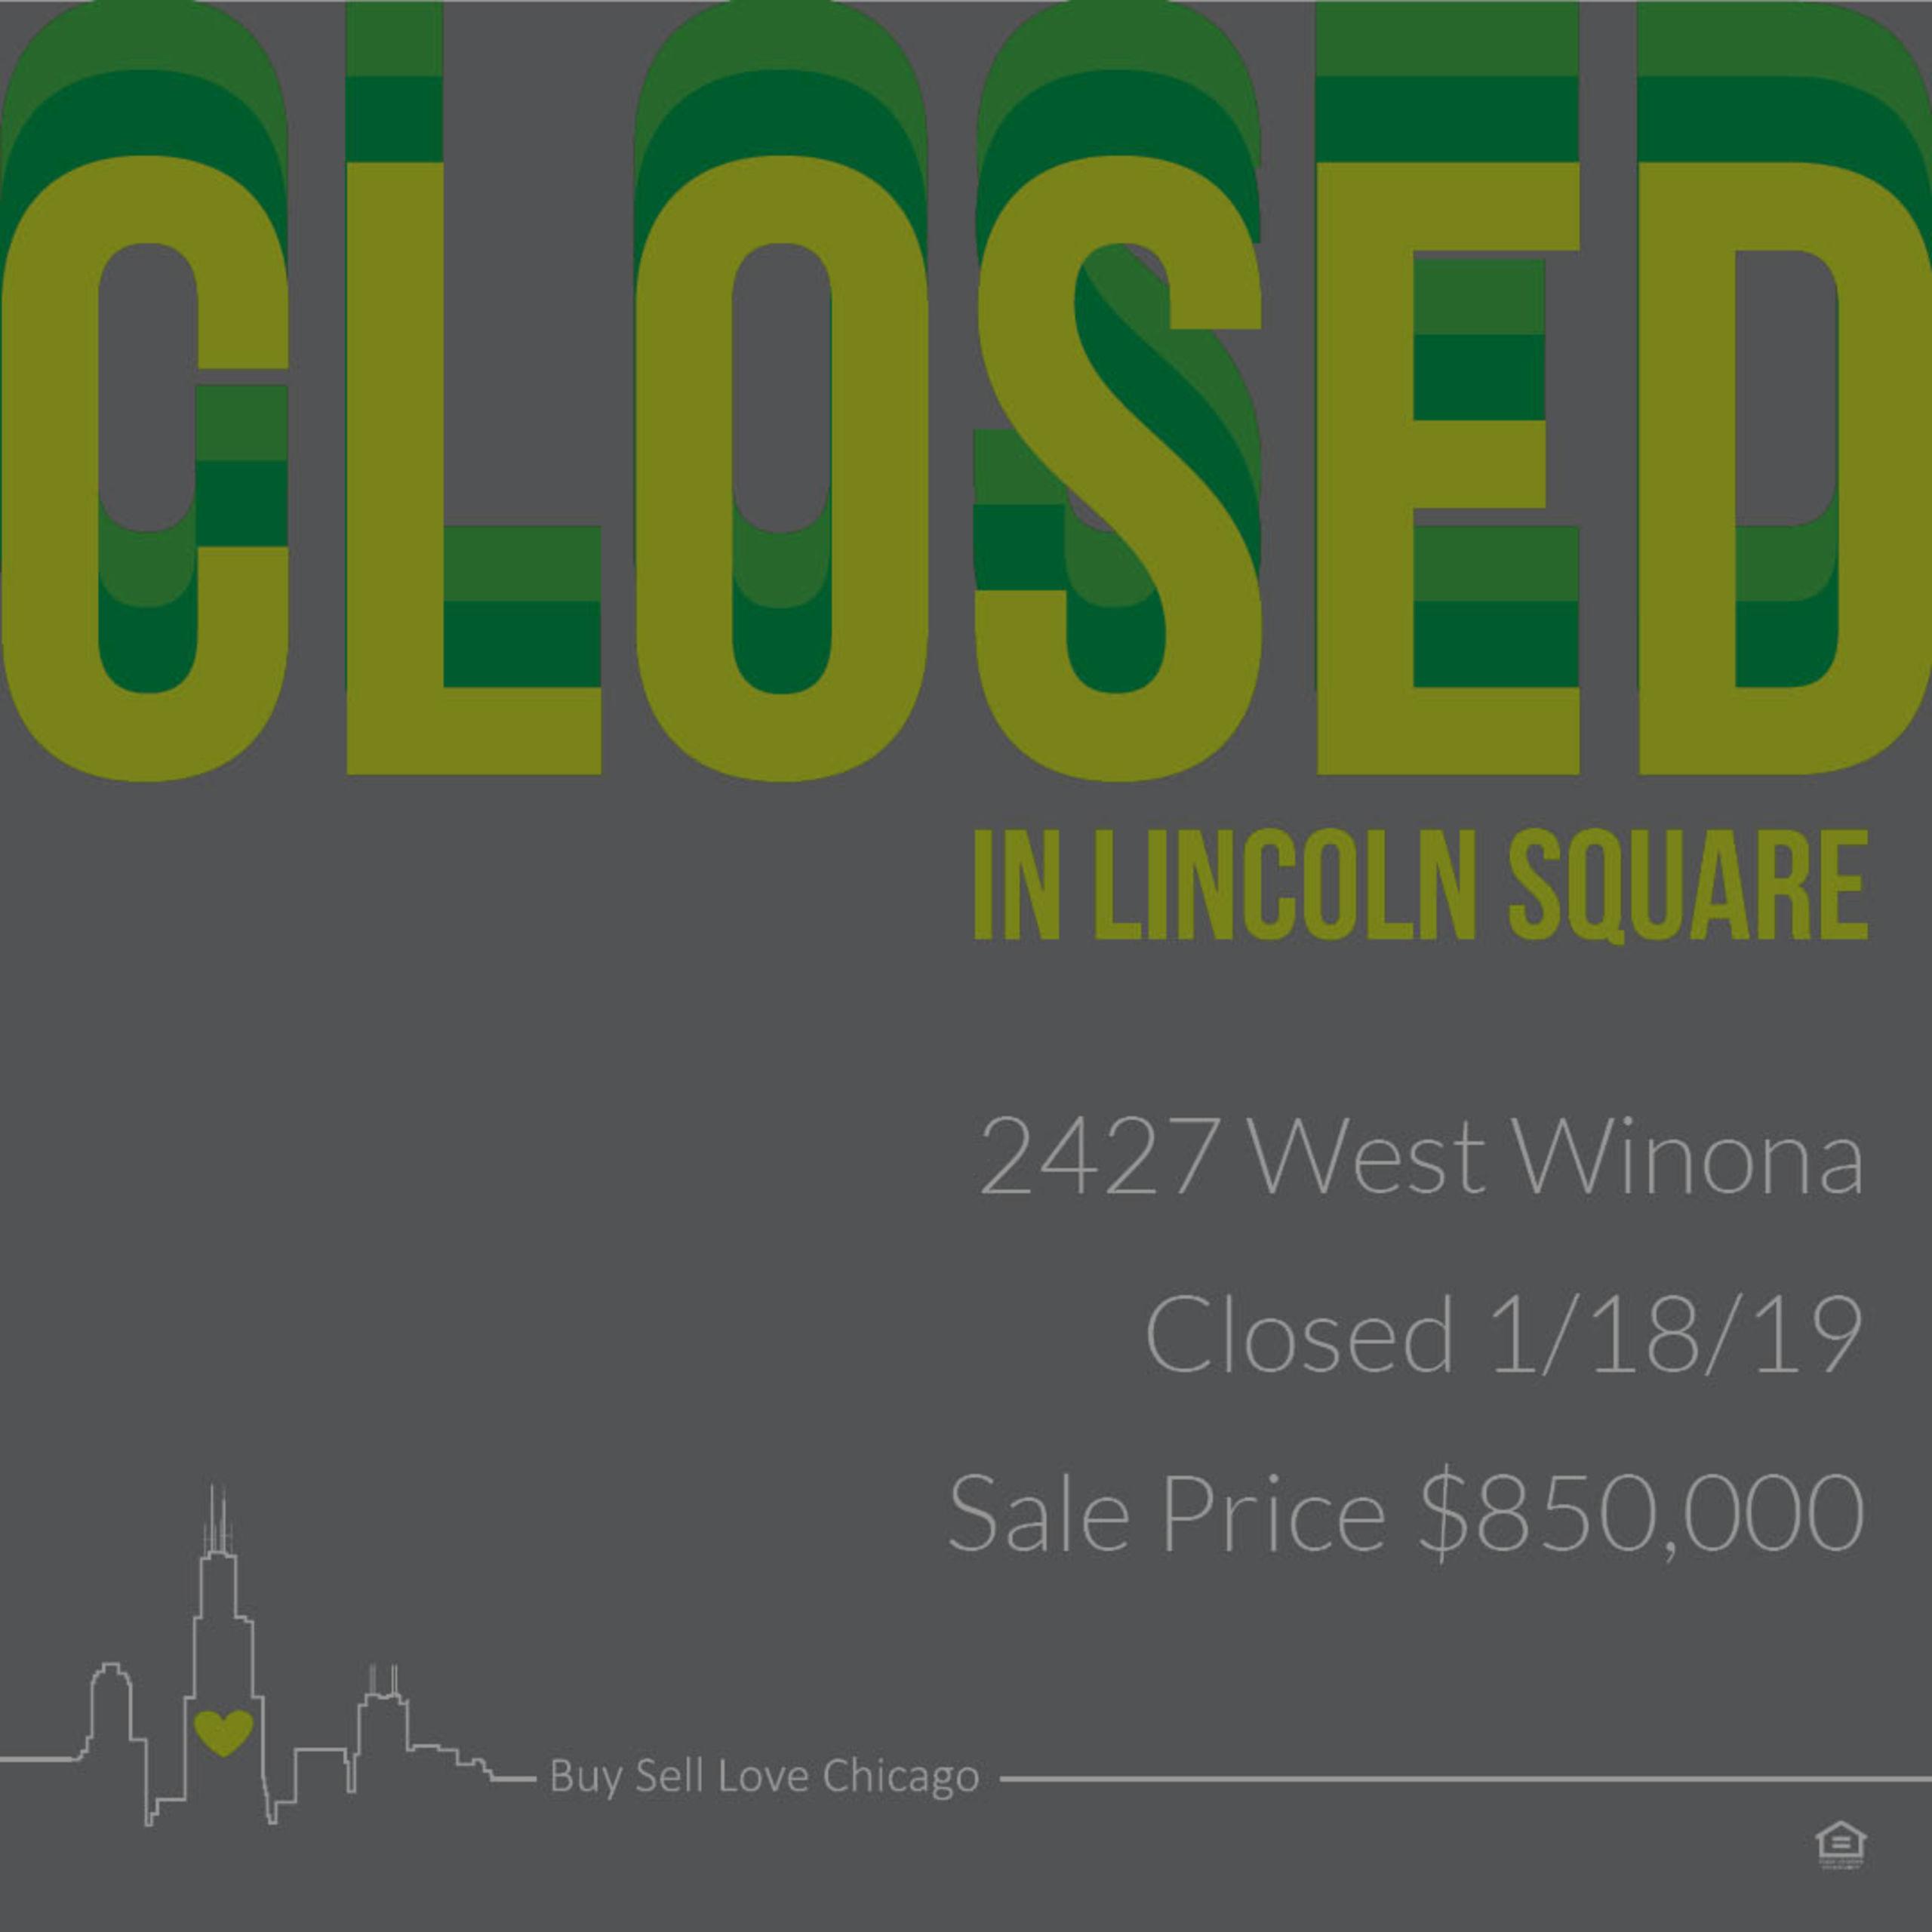 JUST SOLD: 2427 W Winona St, Chicago, IL 60625